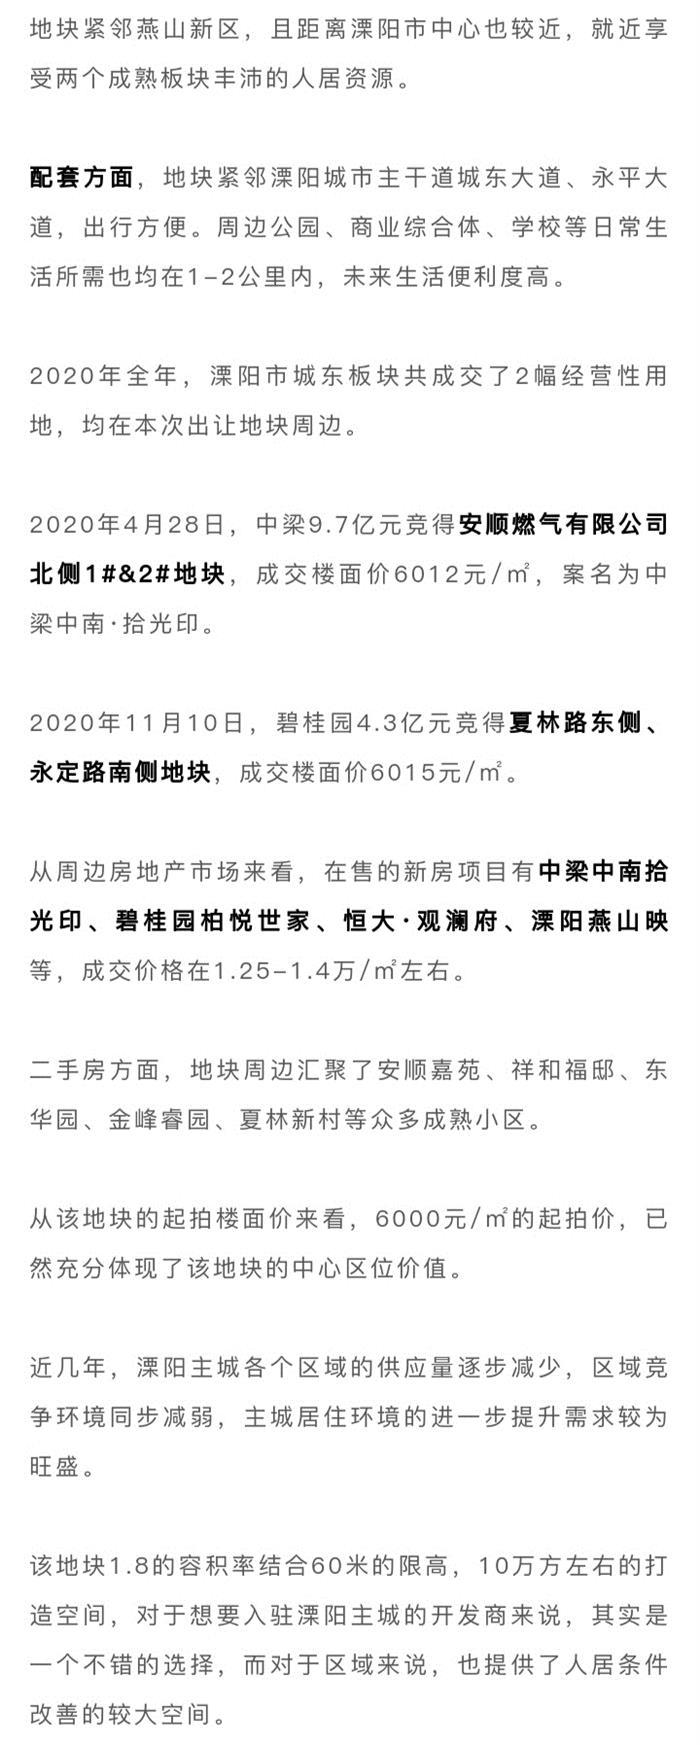 起拍价6000元/㎡,溧阳城东宅地流拍两个月后再挂牌